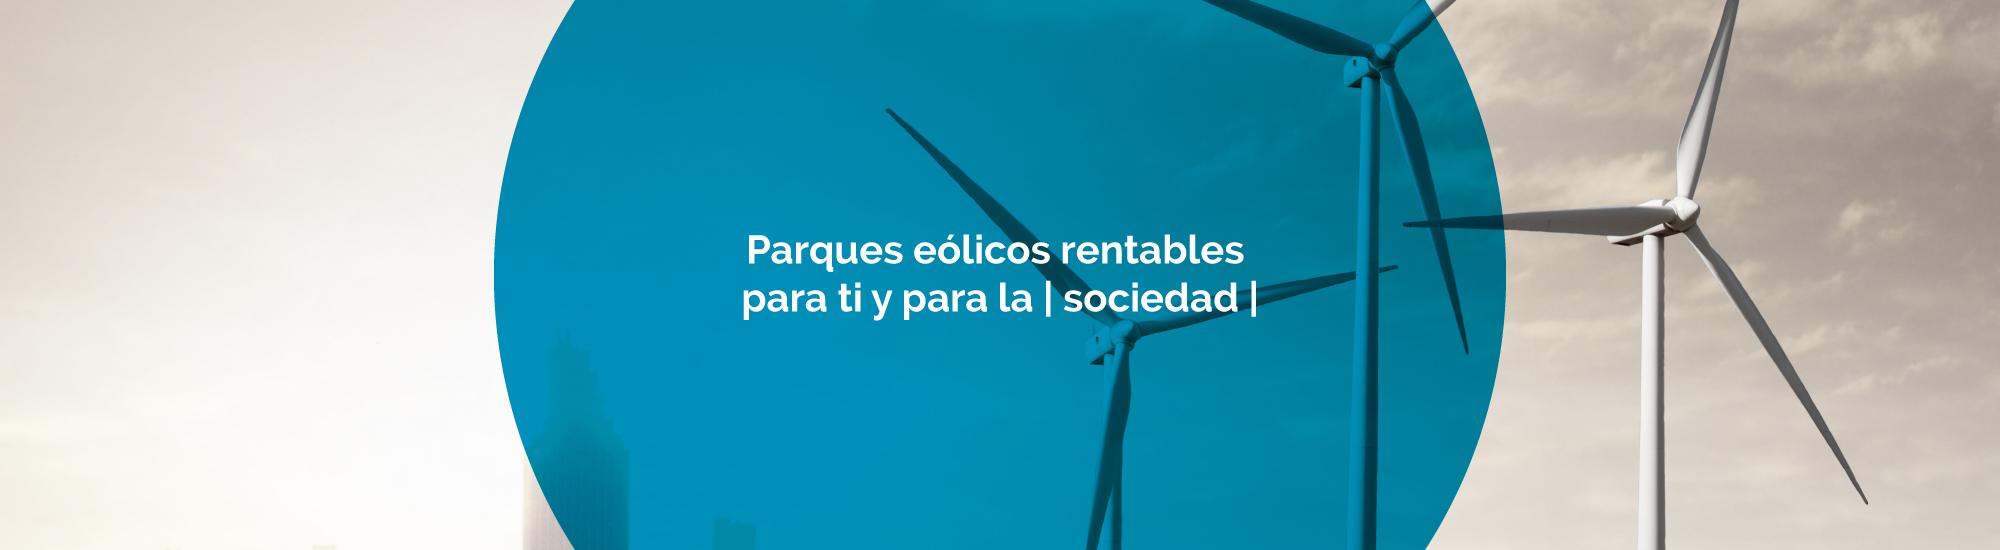 parques_eolicos